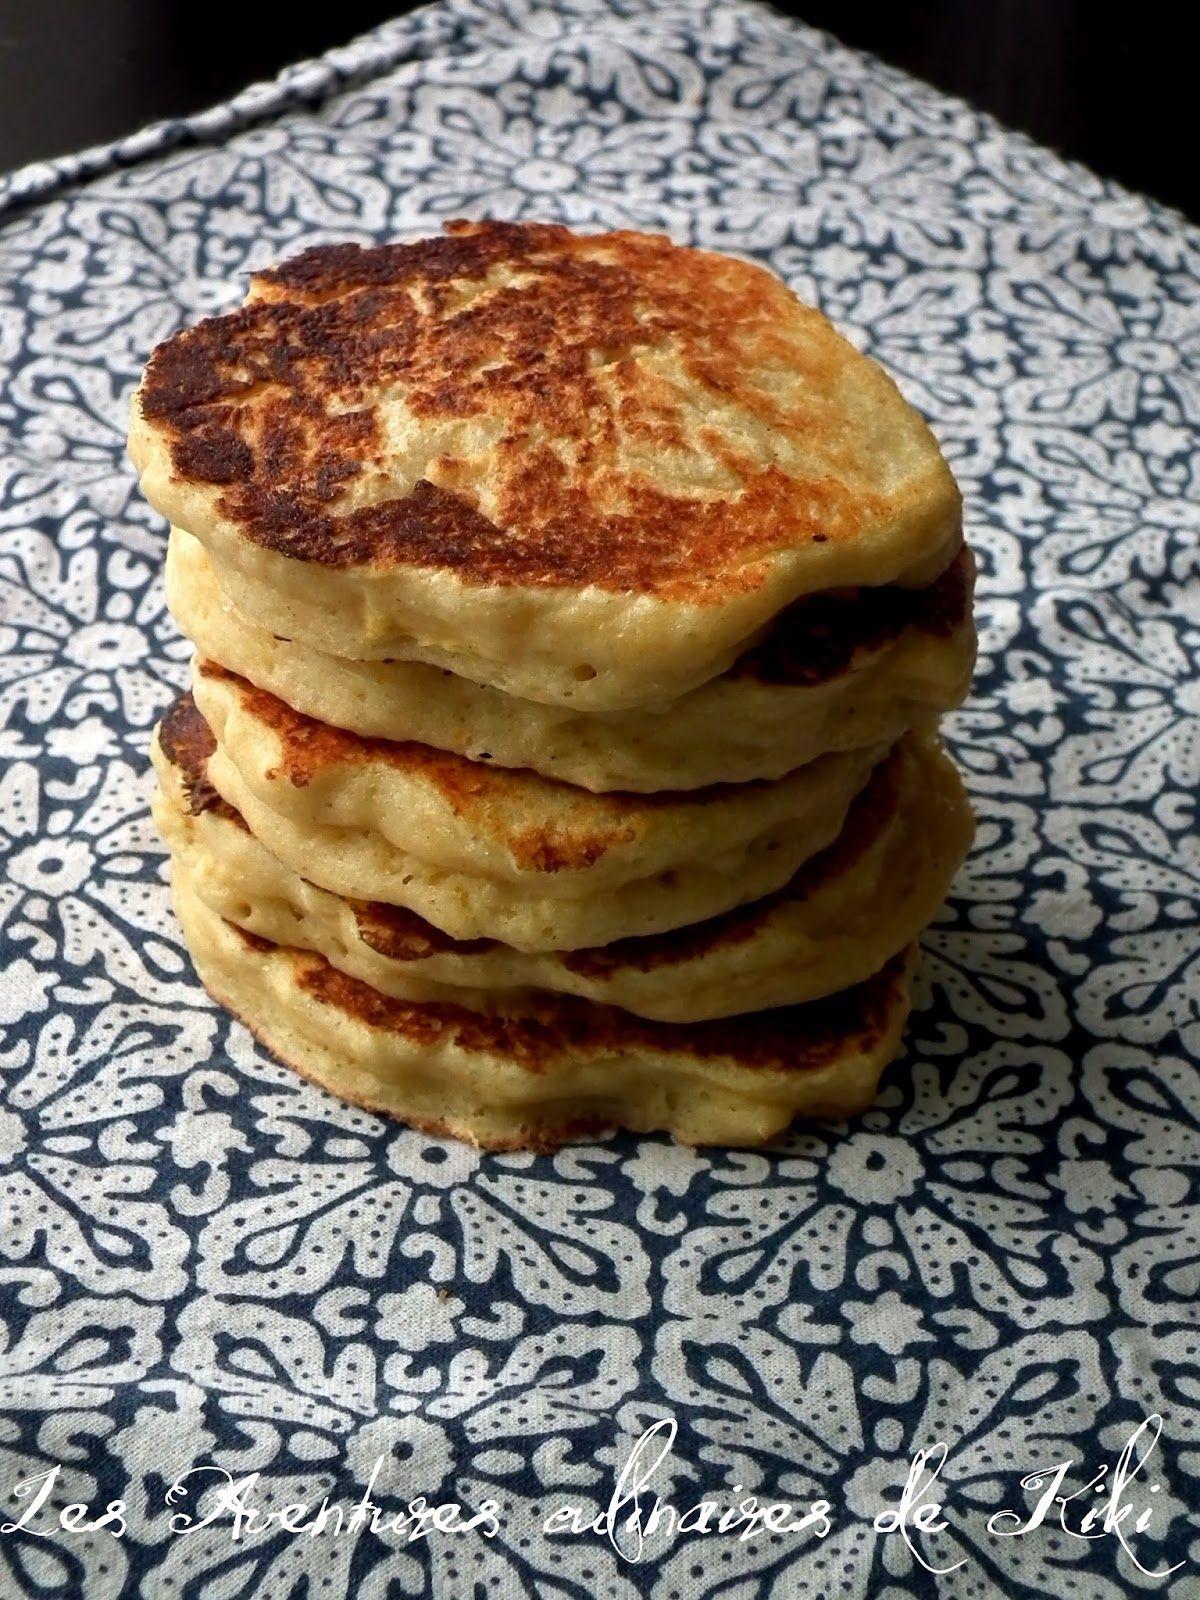 Les Aventures culinaires de Kiki: Pancakes protéinés au fromage cottage, au kamut et à l'orange